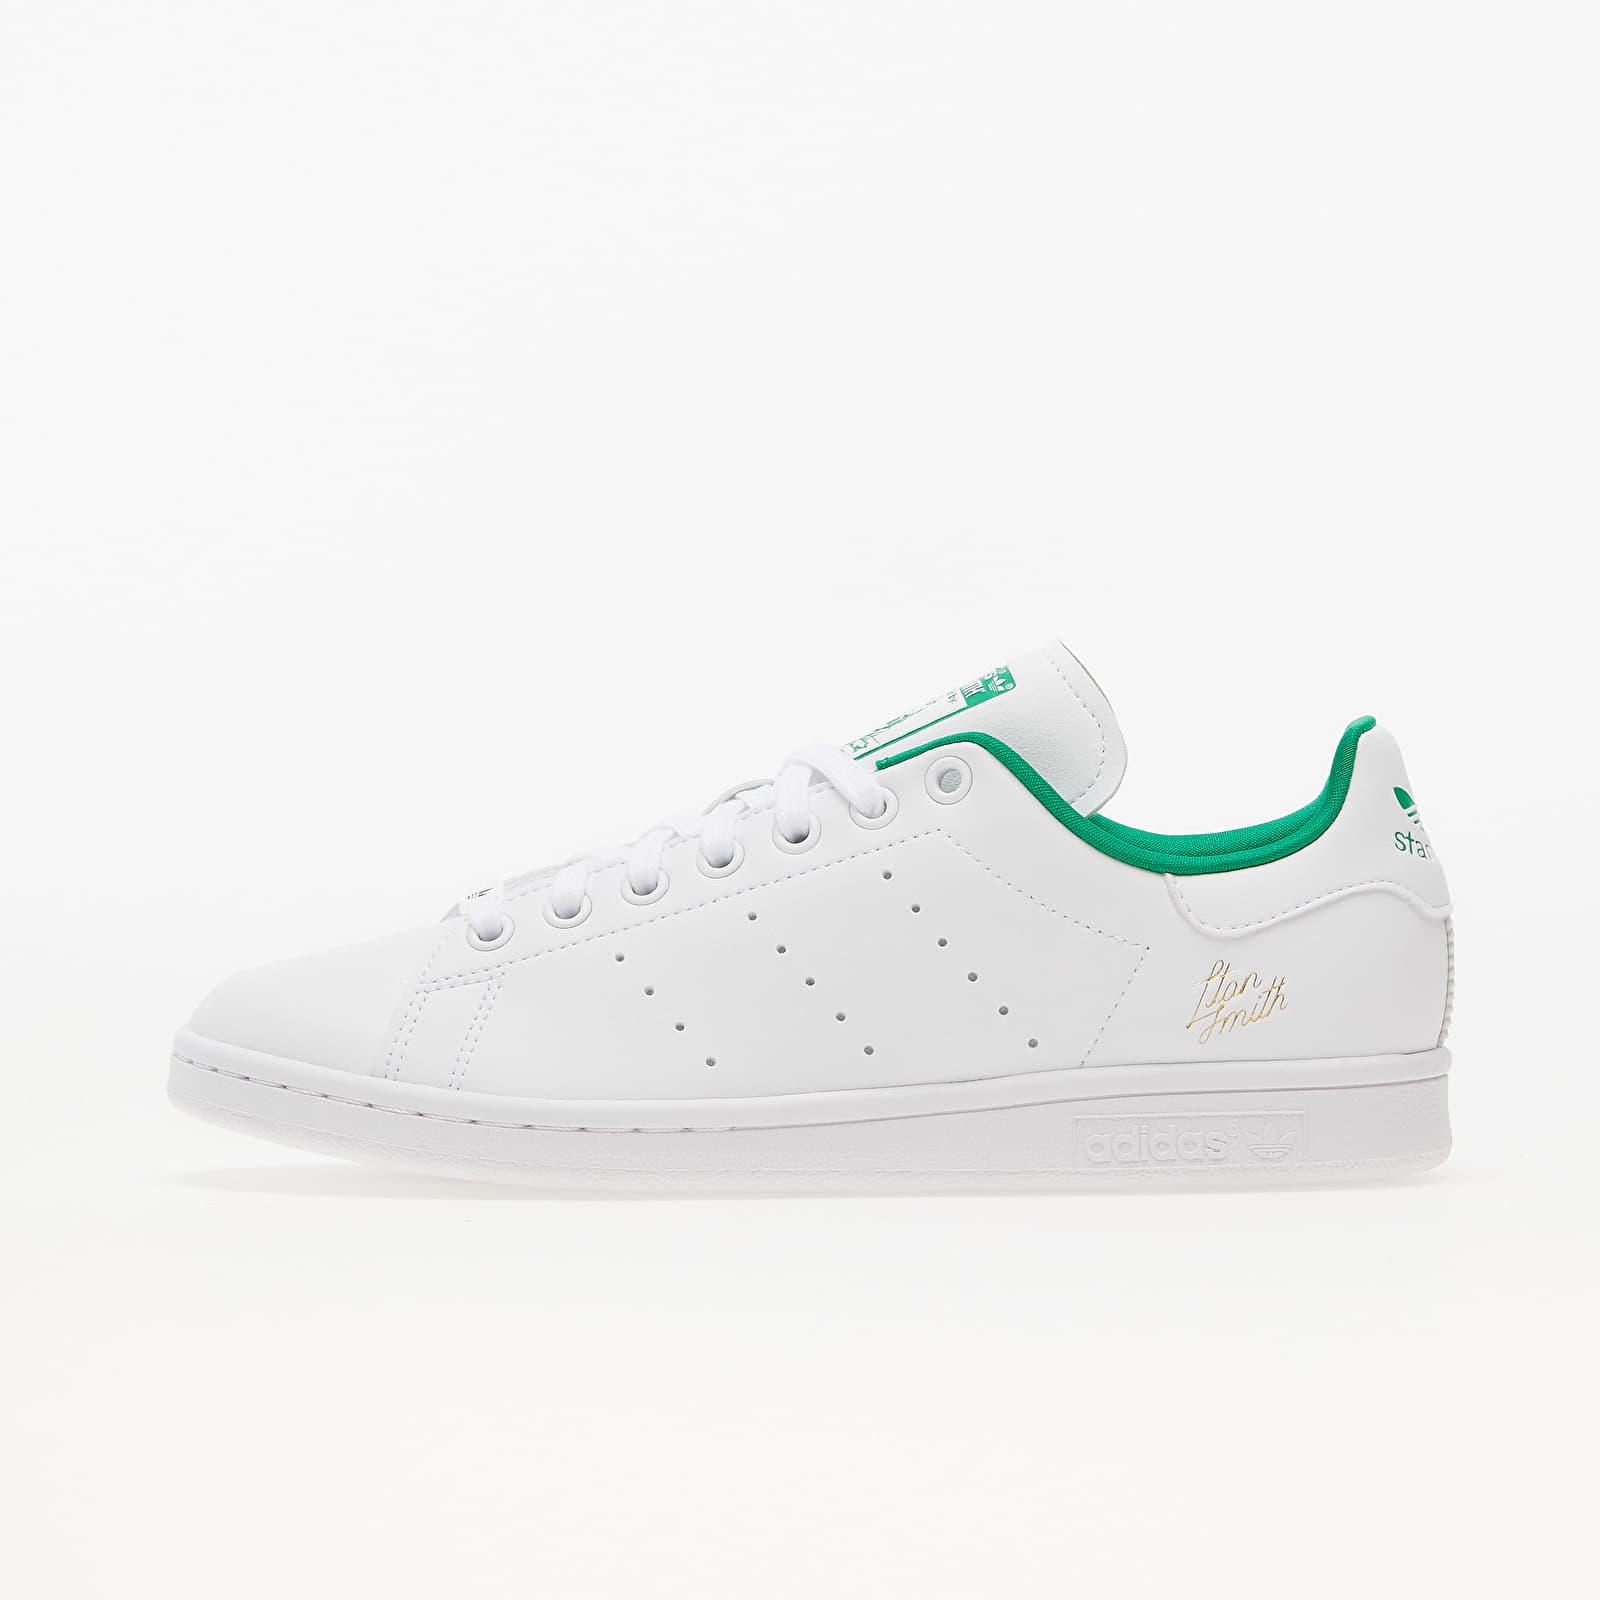 adidas Stan Smith Ftw White/ Ftw White/ Green EUR 40